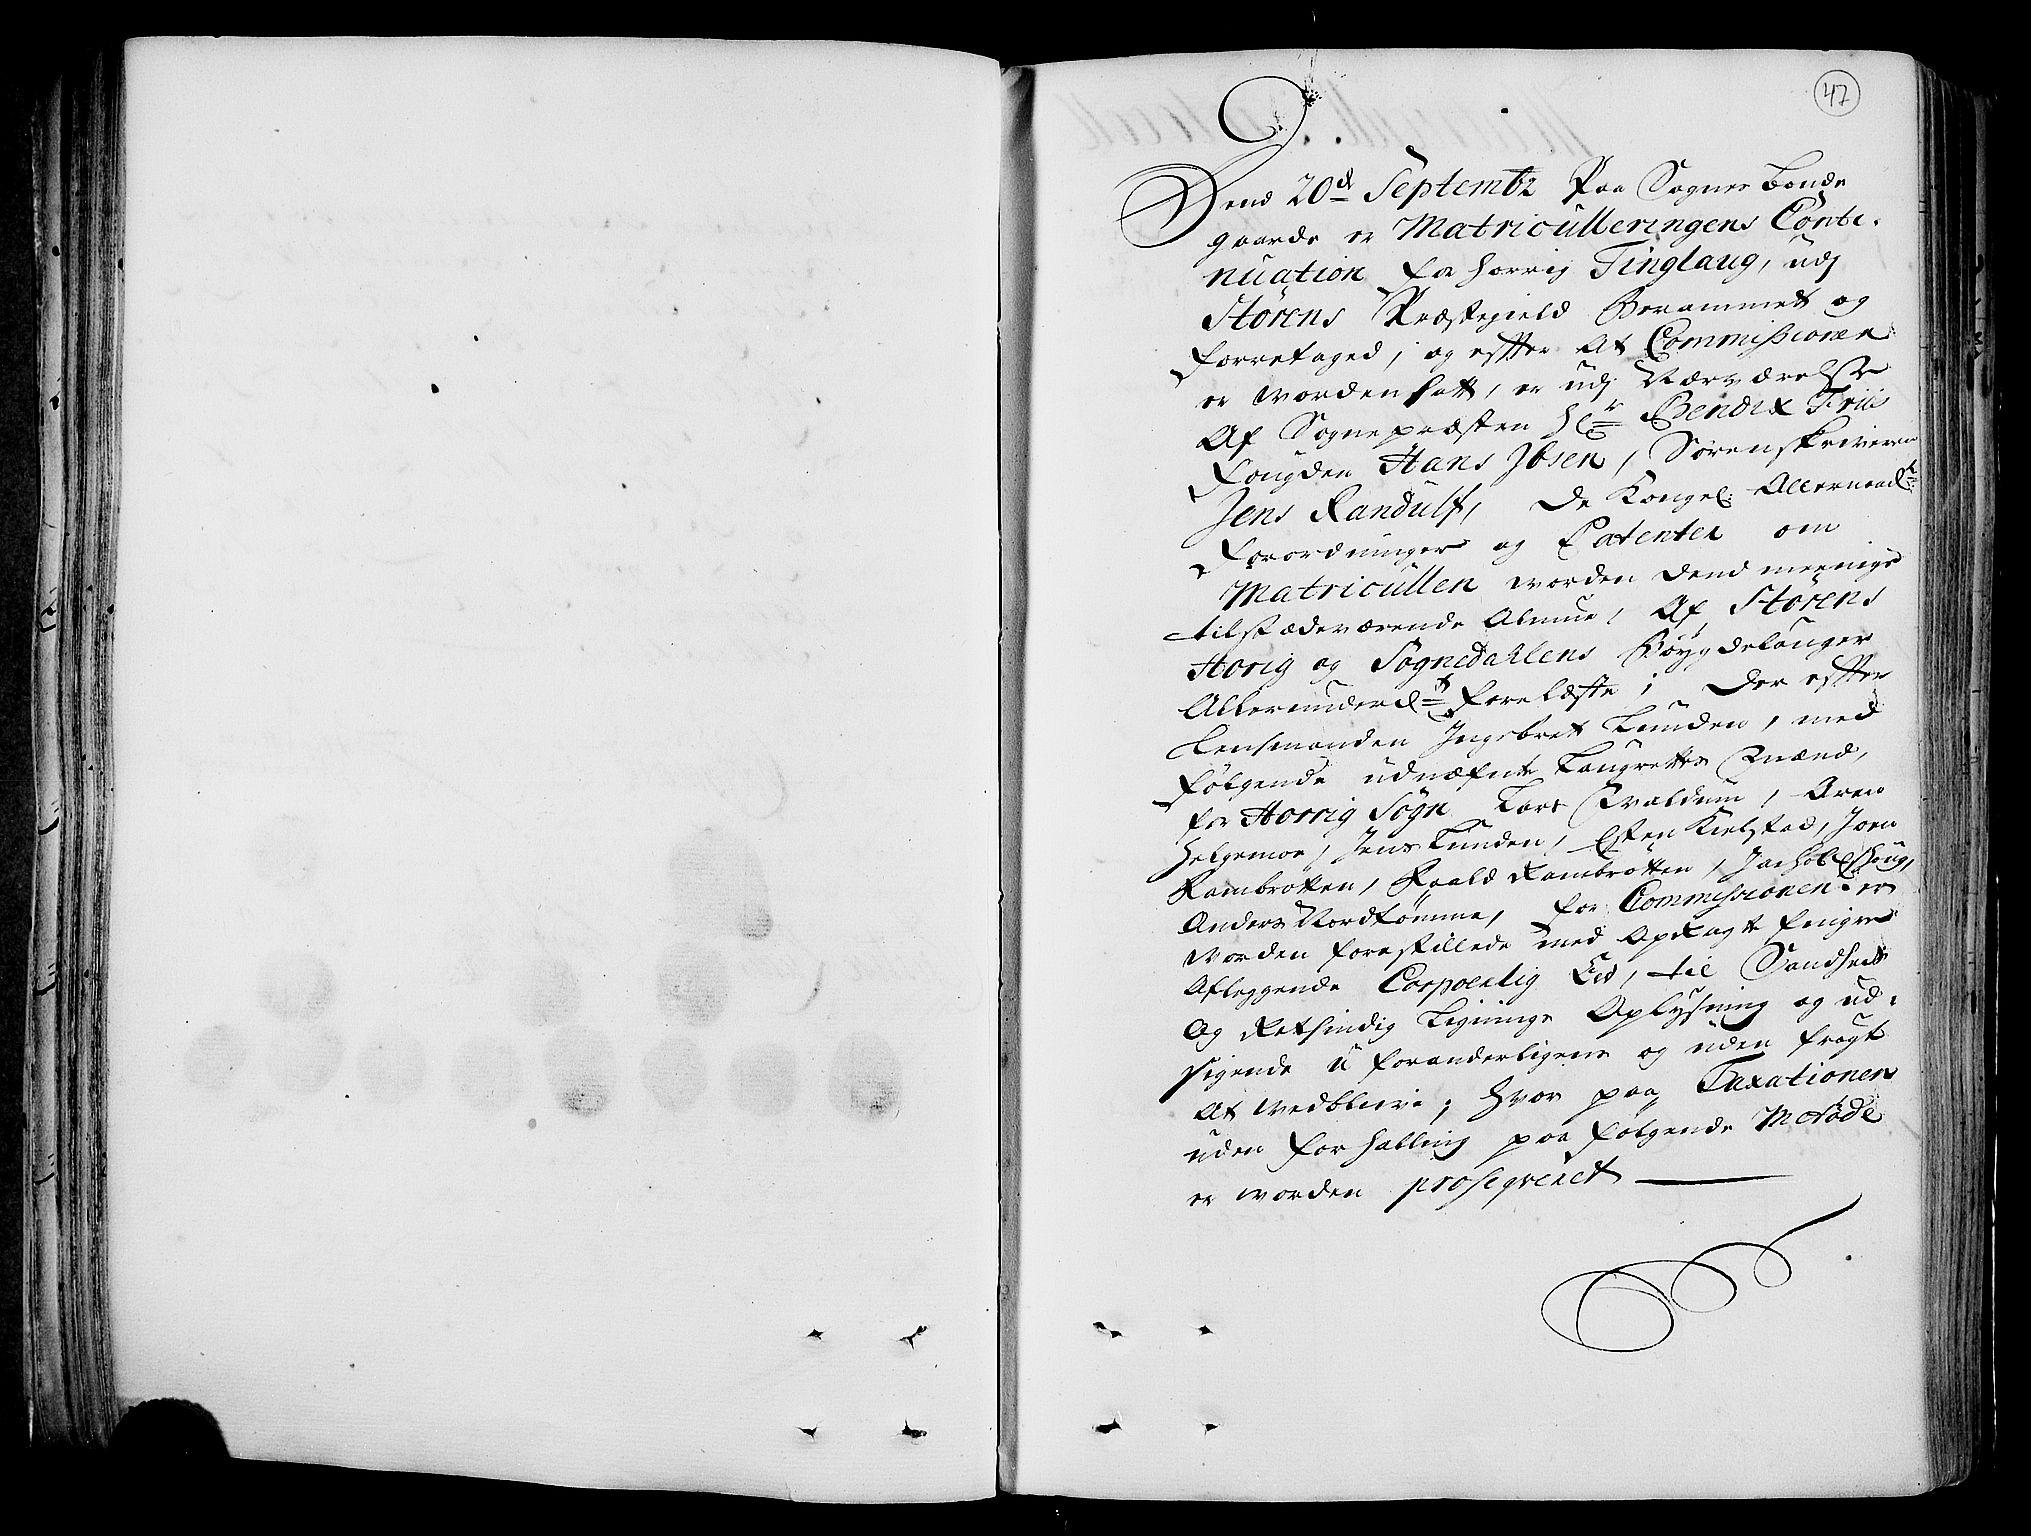 RA, Rentekammeret inntil 1814, Realistisk ordnet avdeling, N/Nb/Nbf/L0158: Gauldal eksaminasjonsprotokoll, 1723, s. 46b-47a